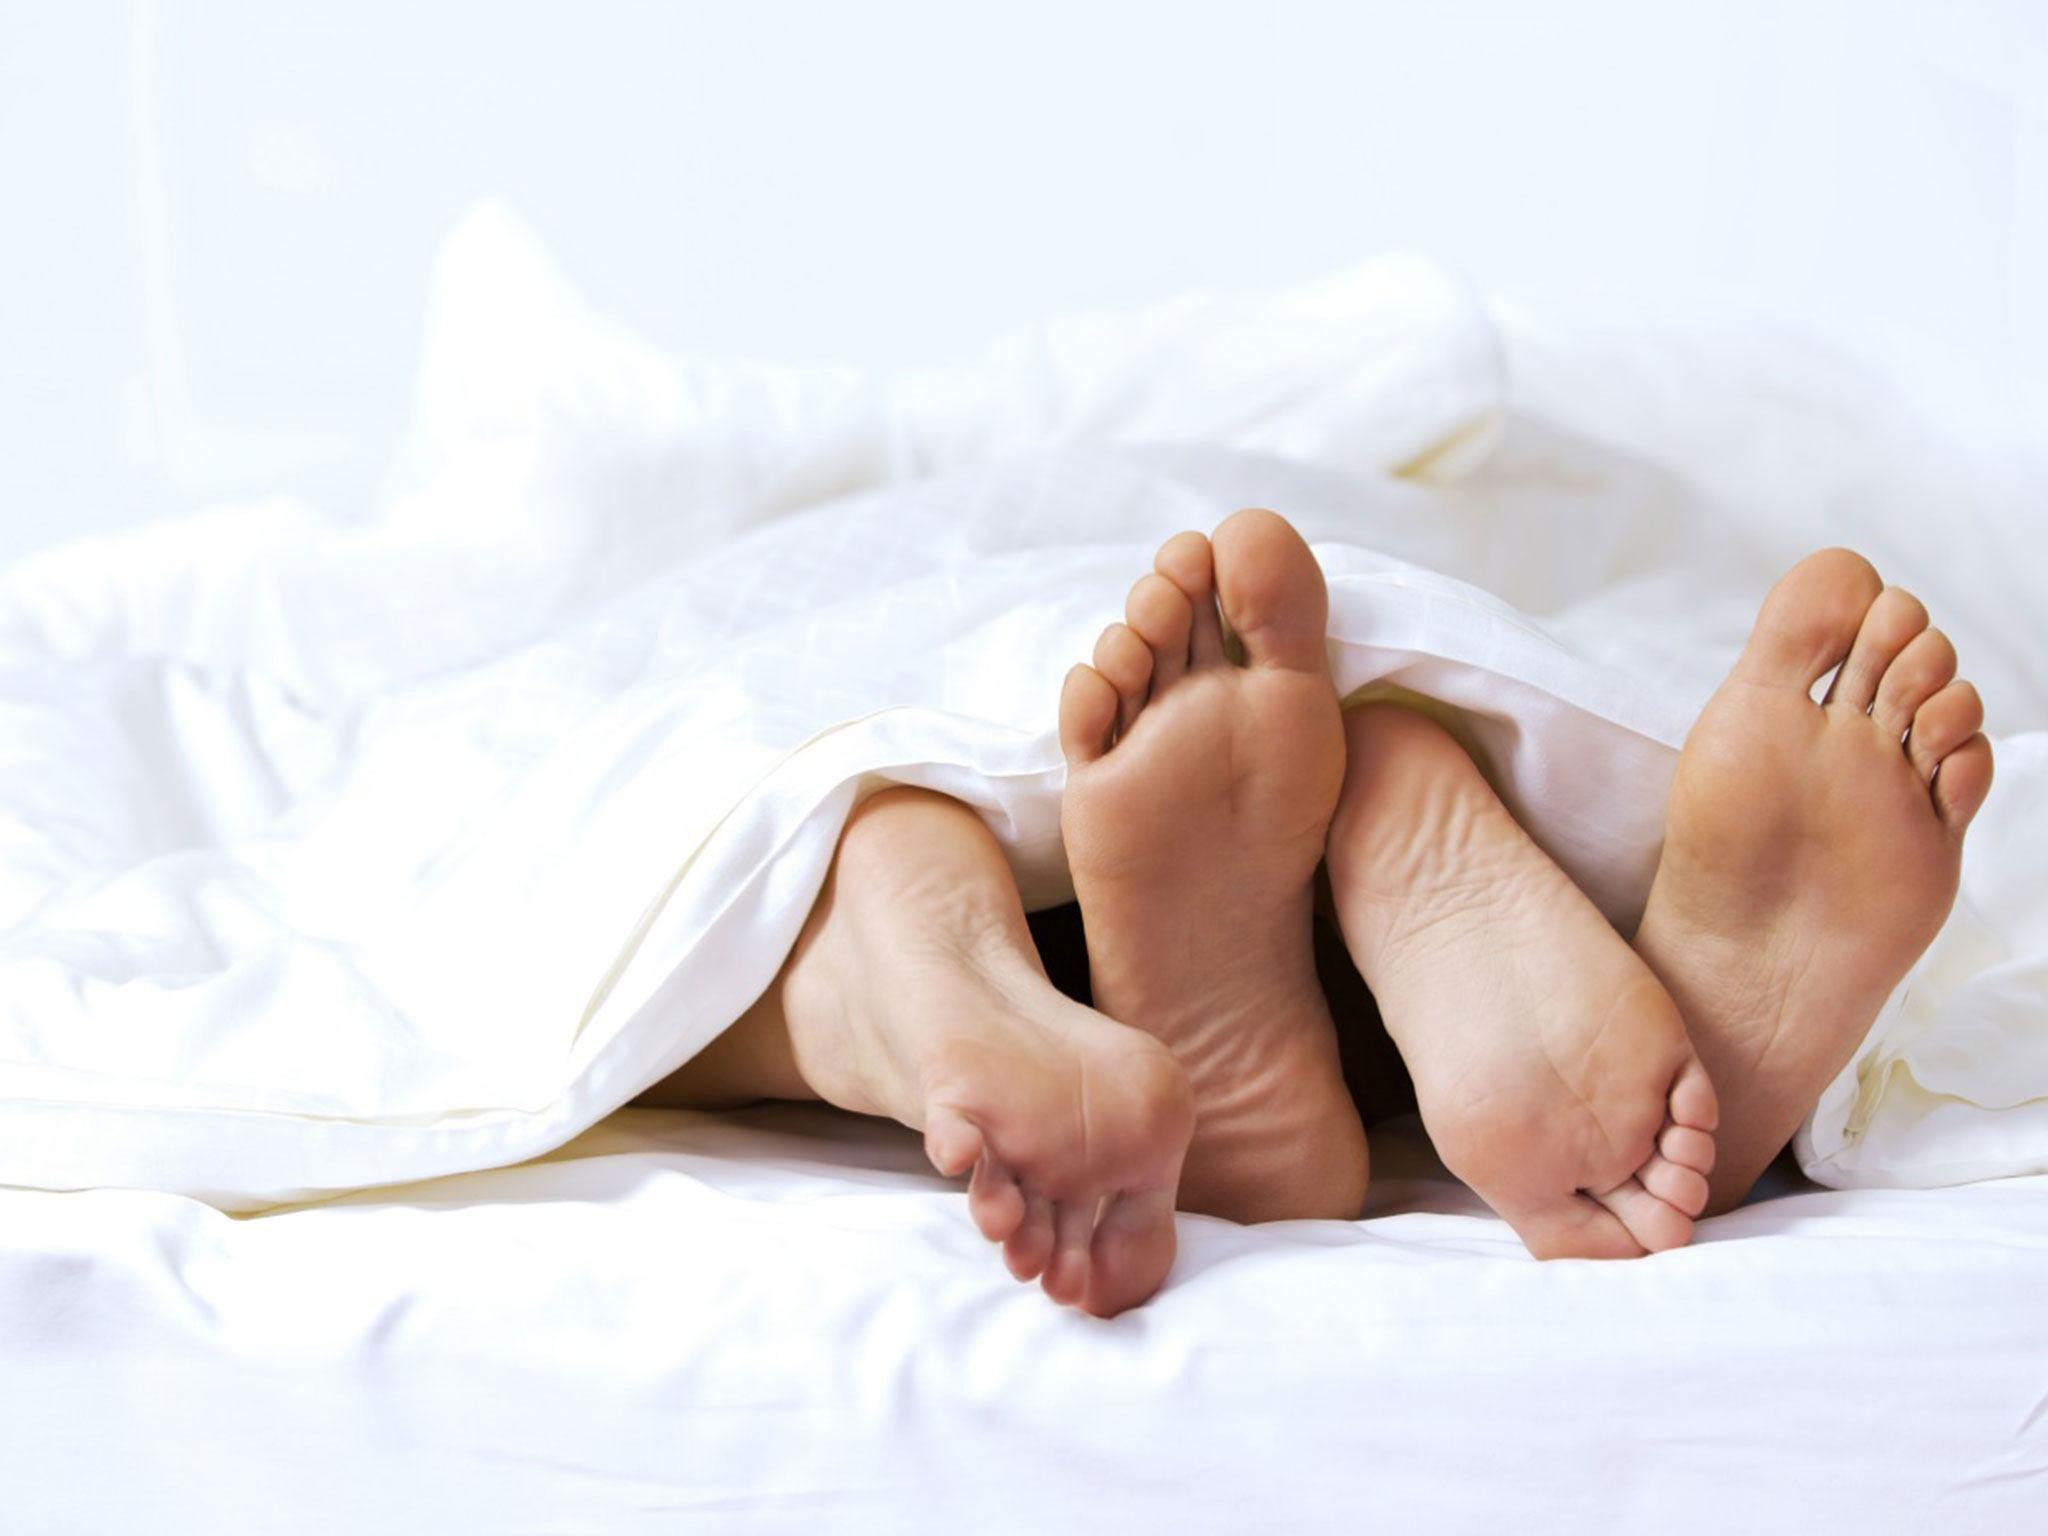 Conosci le malattie sessualmente trasmissibili? [QUIZ]